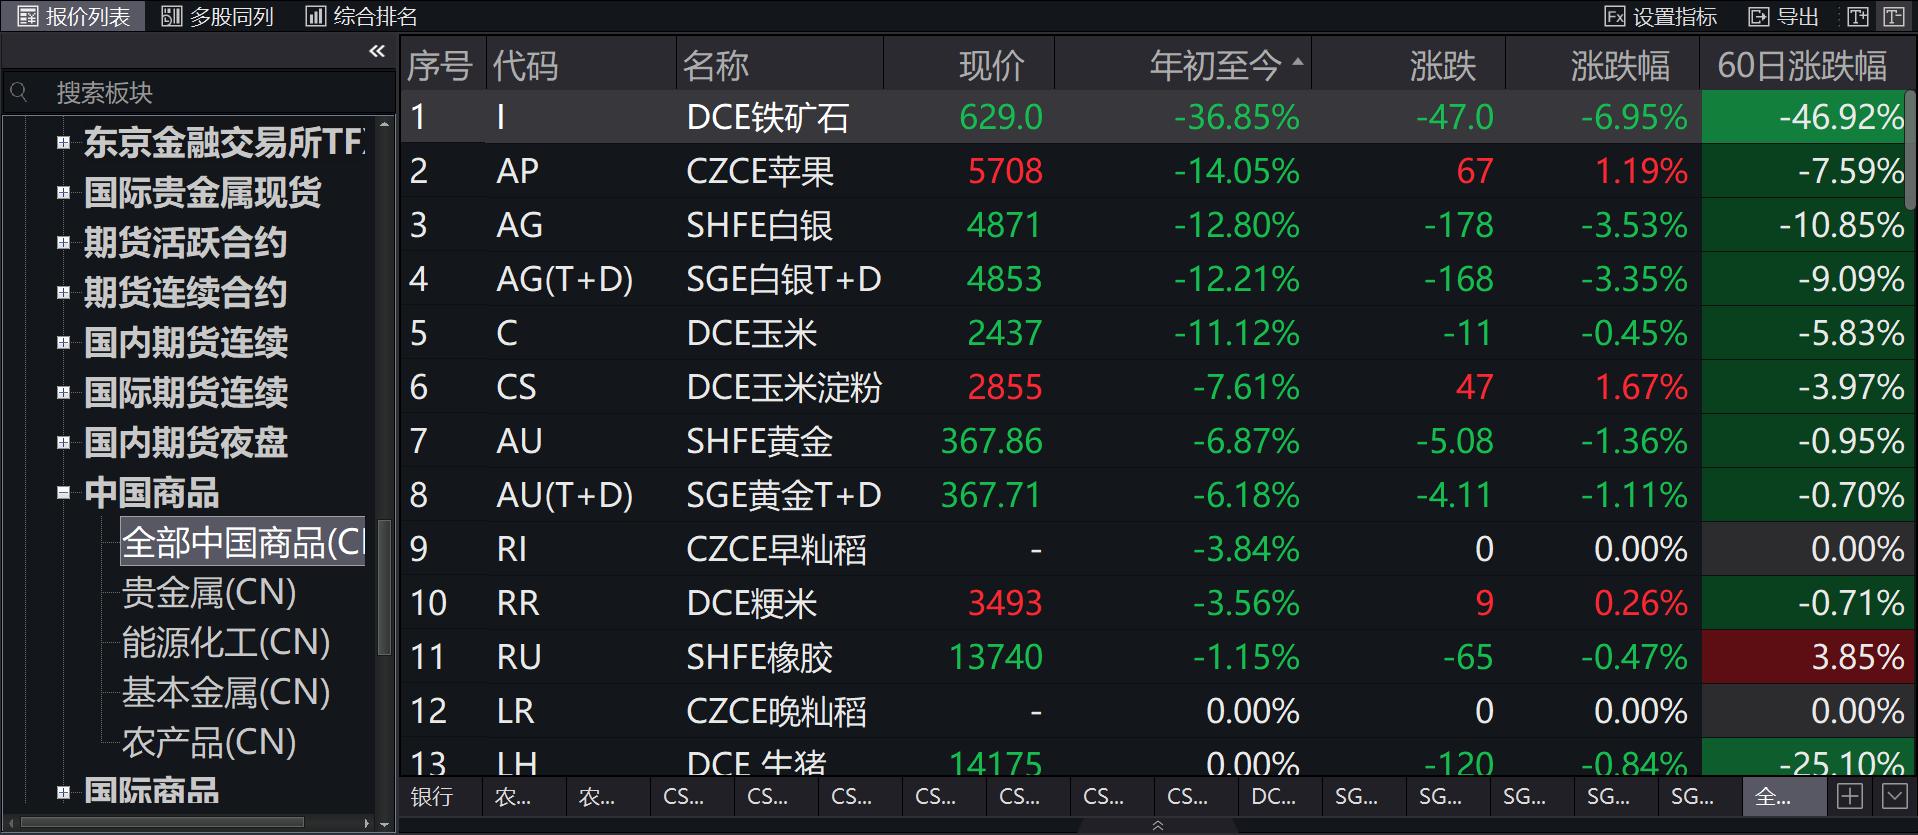 """铁矿石不再""""抢手"""",期价年内重挫36%成国内最""""惨""""商品"""